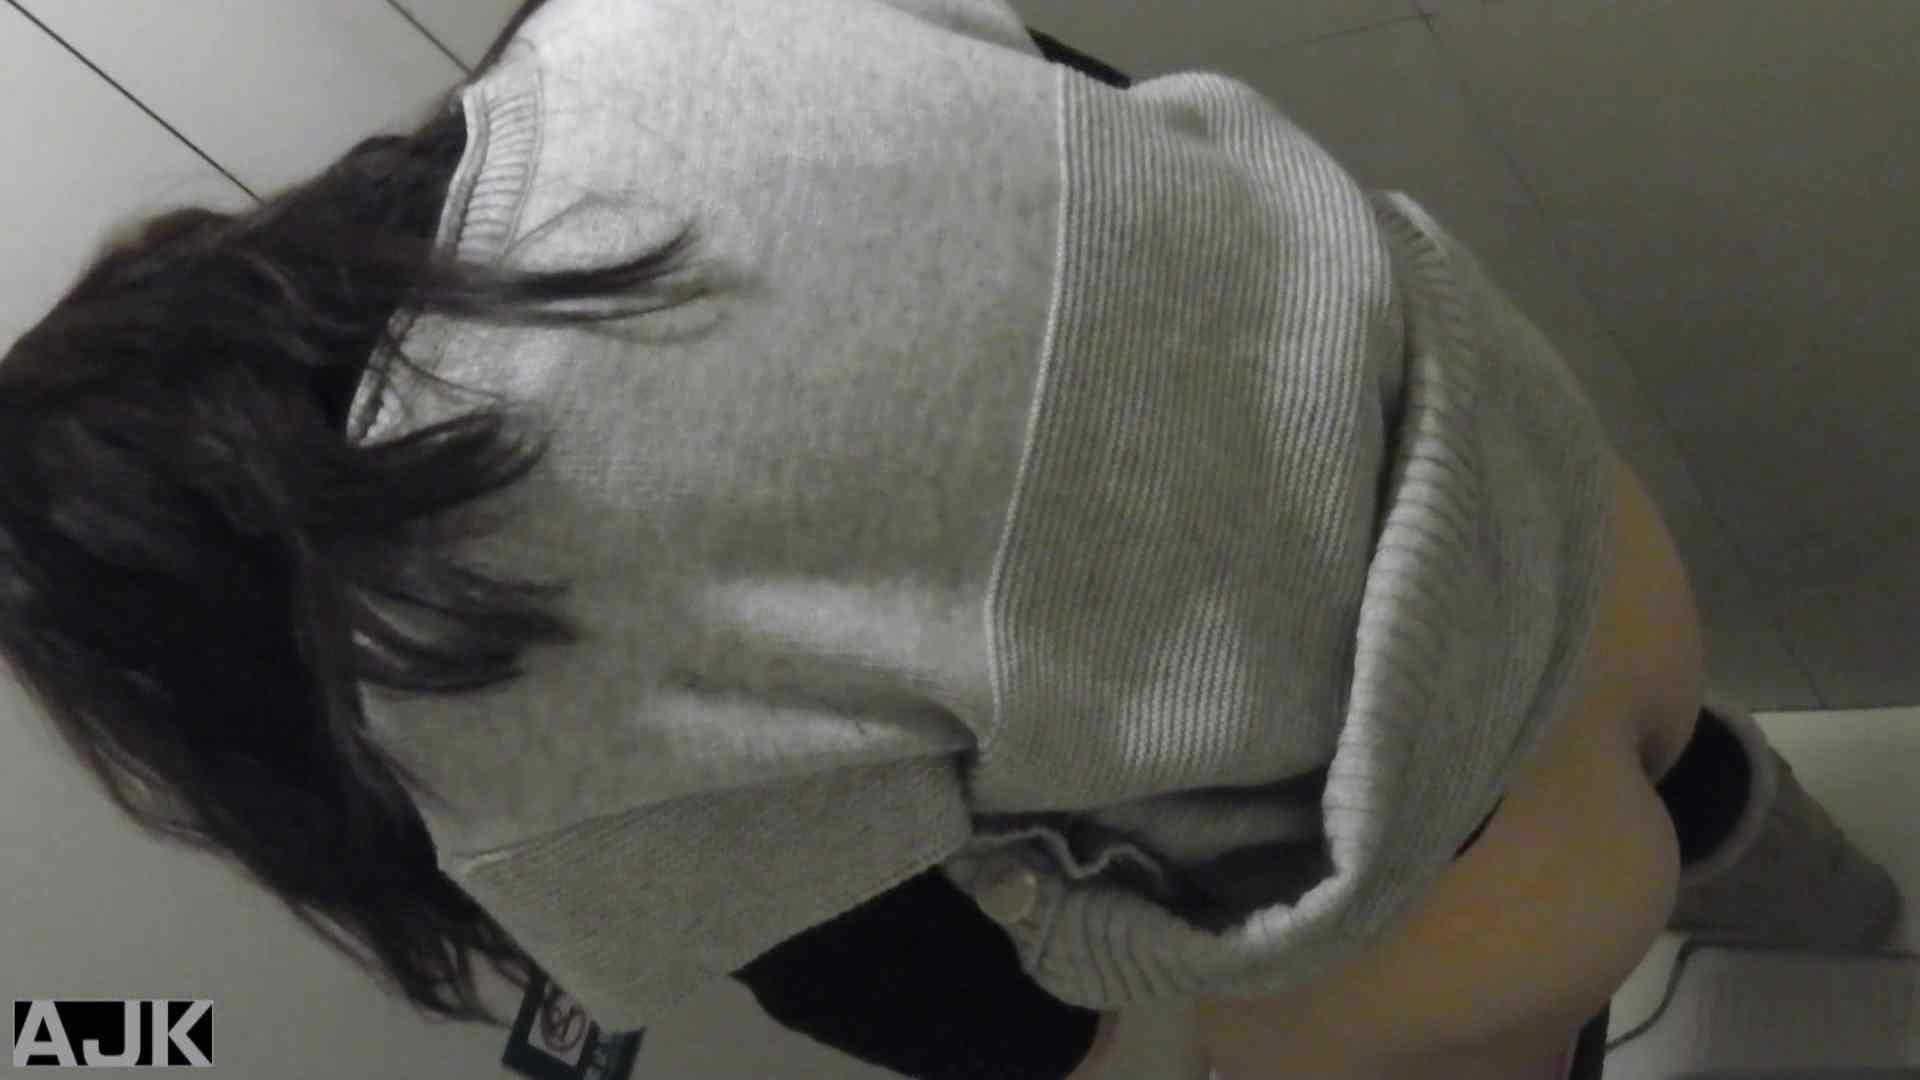 神降臨!史上最強の潜入かわや! vol.09 美女まとめ 盗撮動画紹介 94PIX 34